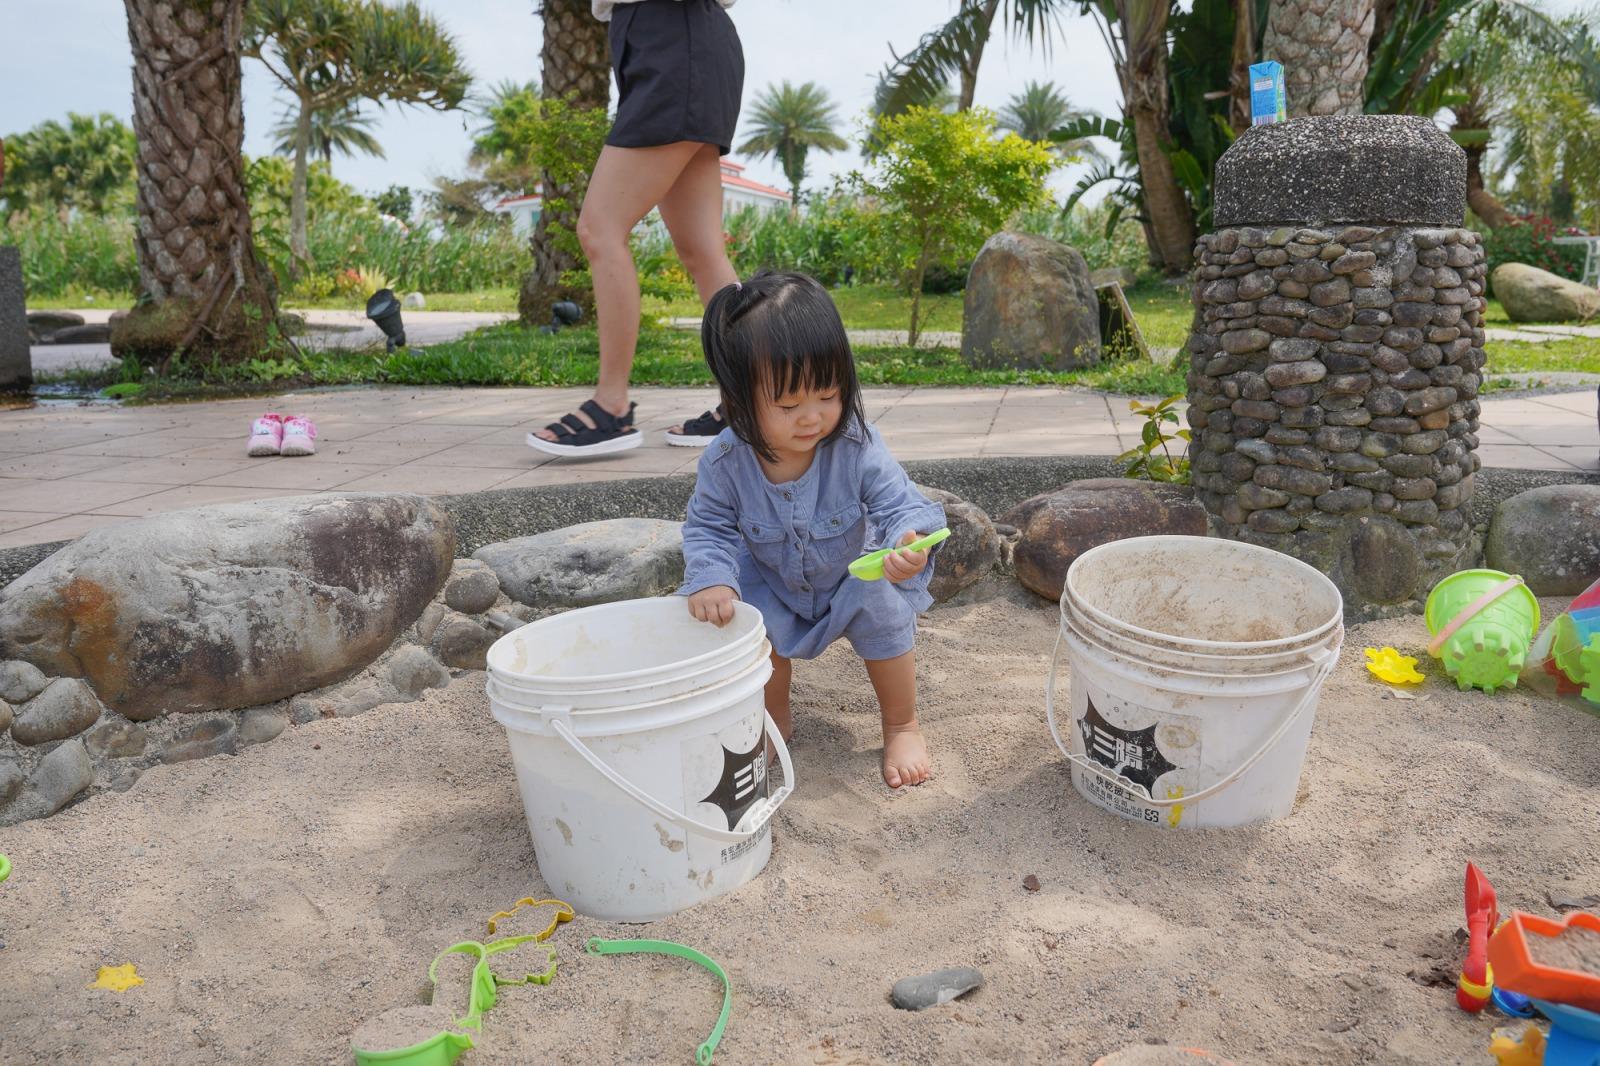 宜蘭礁溪景點》輕親魚朵生態園區~峇里島釣魚去囉!可以搭船、不限時釣魚、撈蝦、玩沙、搭船跟魚賽跑,適合放風小孩和滿足愛釣魚爸爸的景點